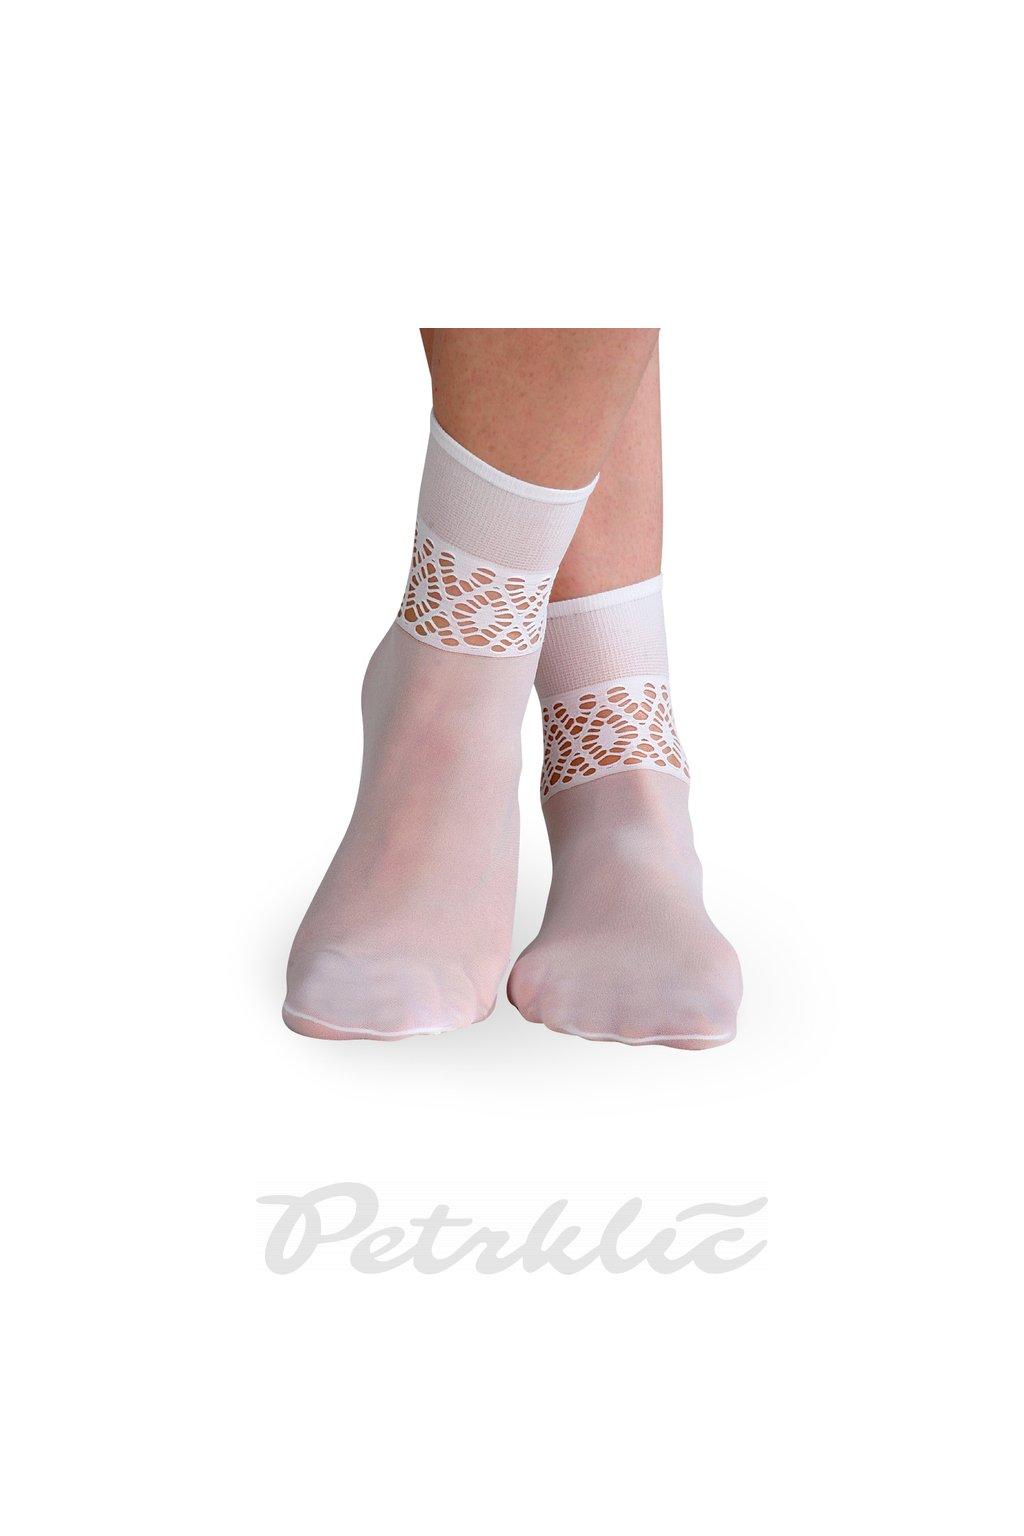 KELLY - ponožky vzor D